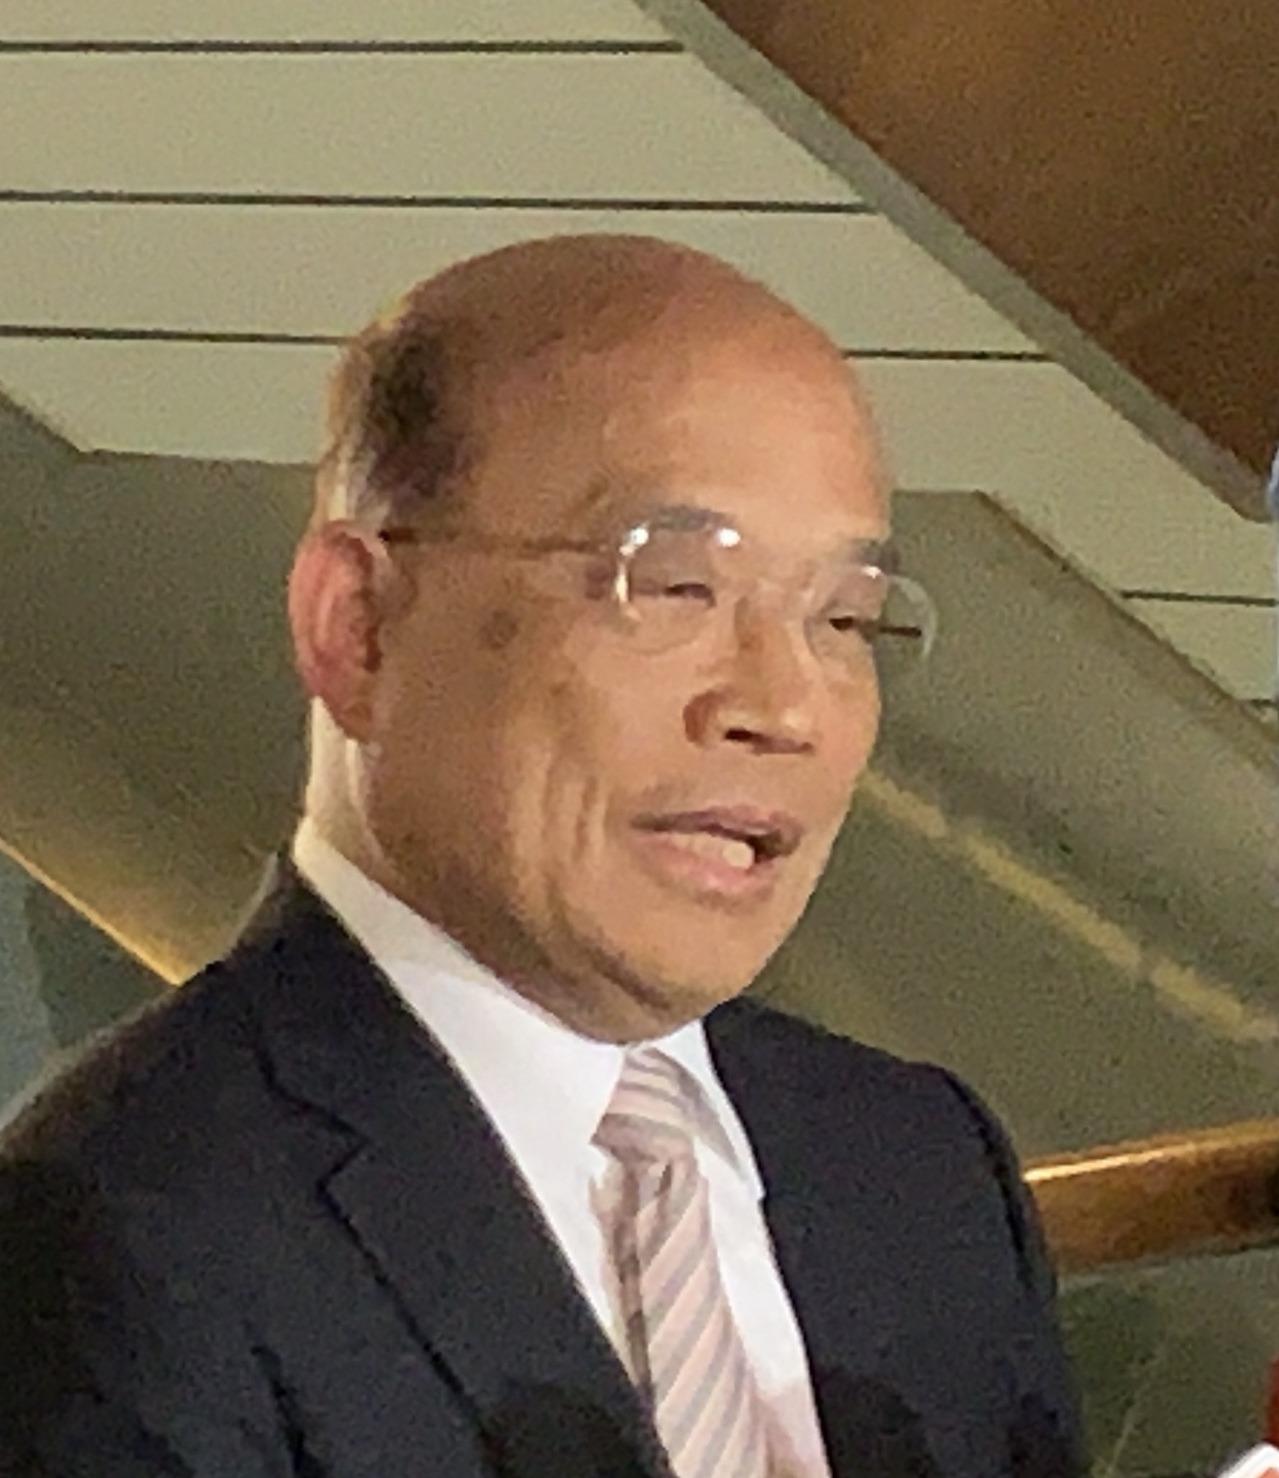 行政院長蘇貞昌今天下午出席108年行政院模範公務人員頒獎典禮。記者林河名/攝影